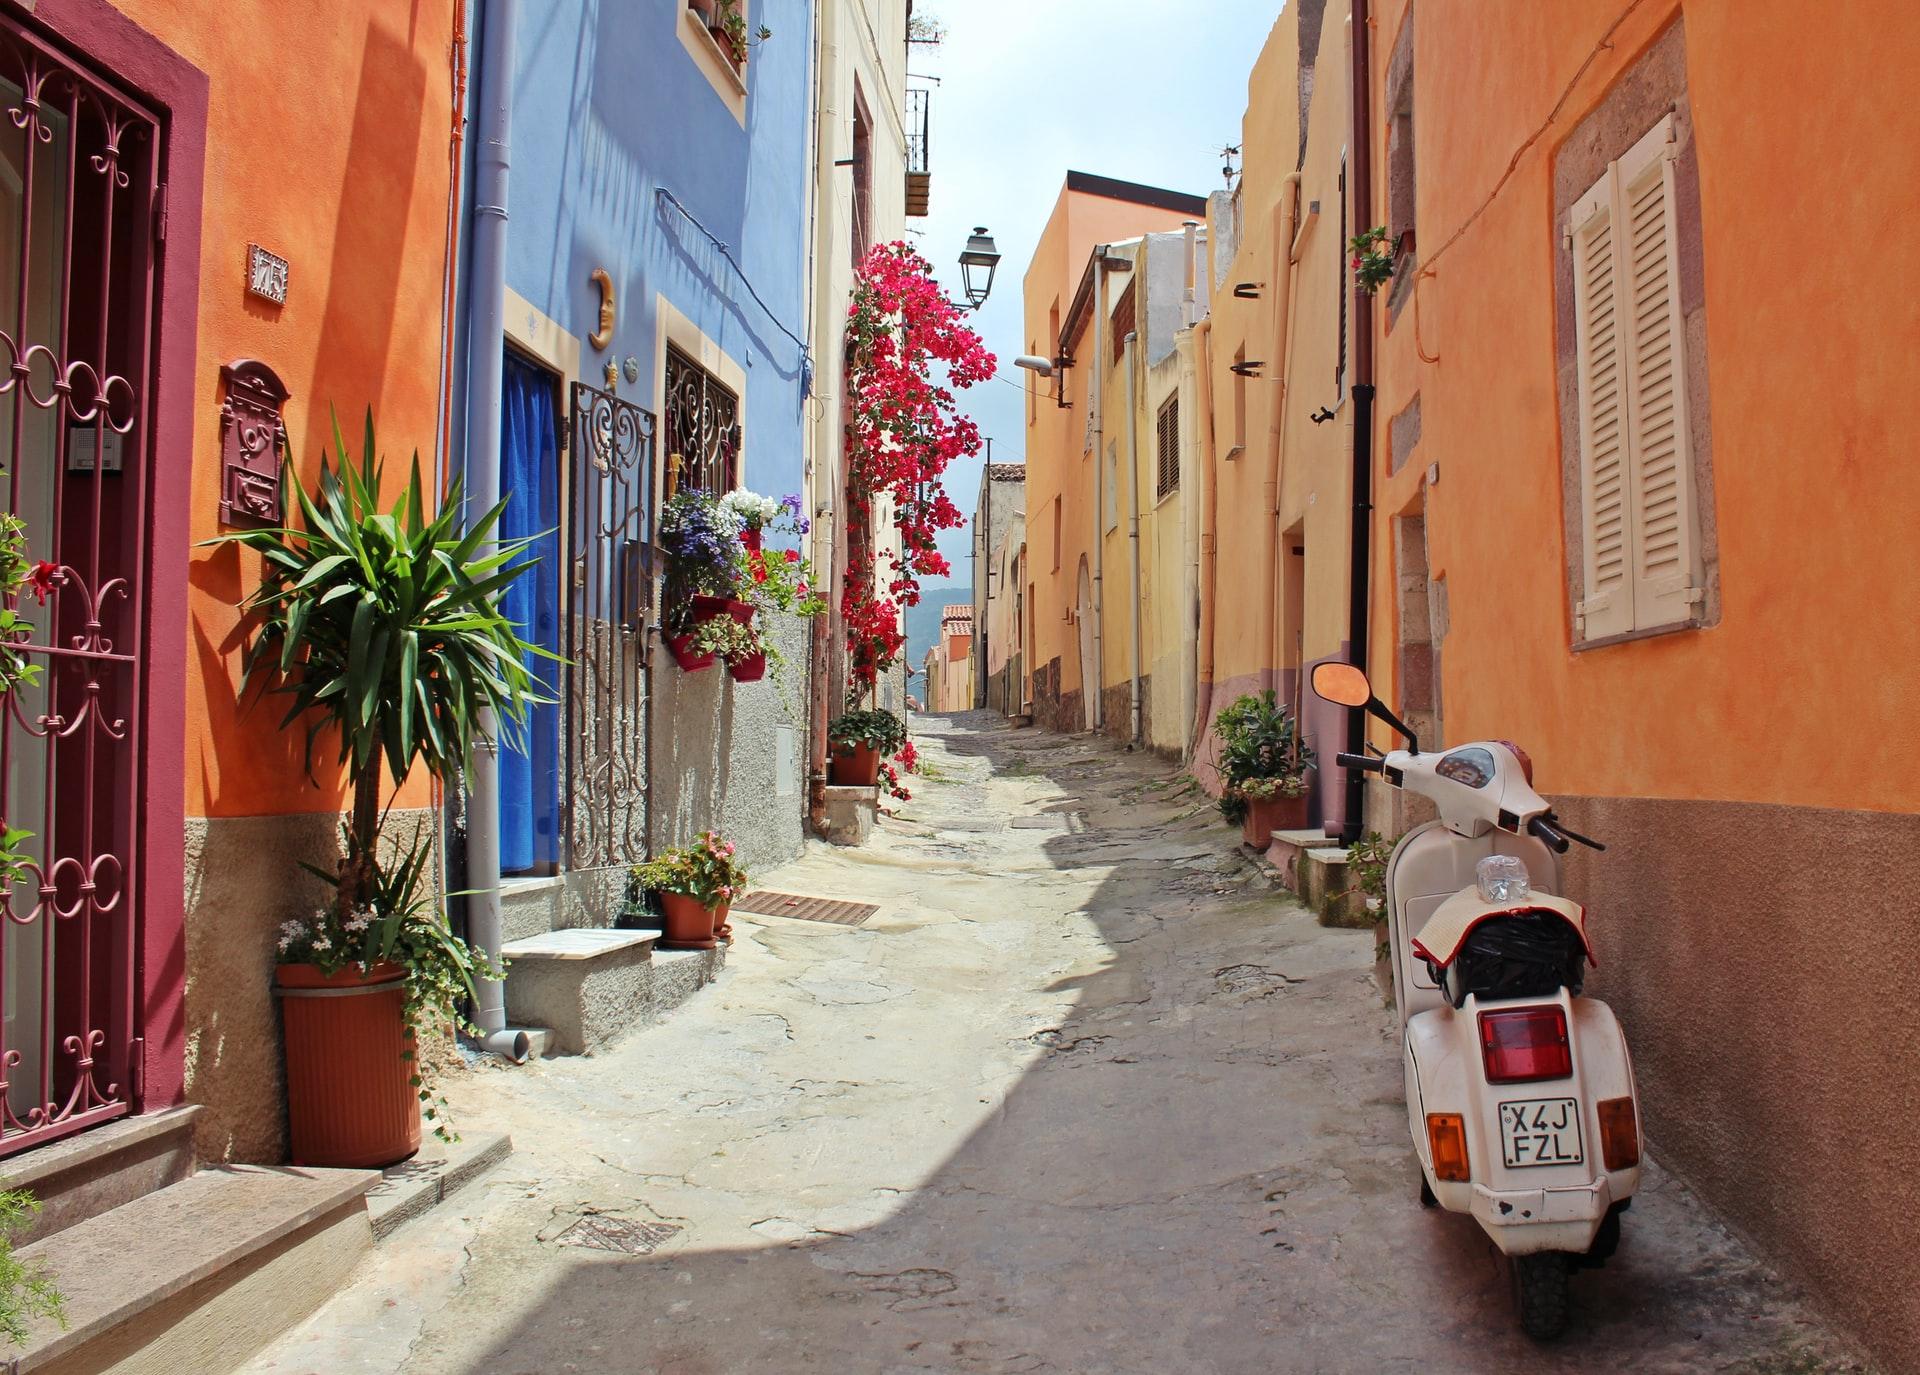 Viaggiare a basso costo attraverso l'Italia non è difficile